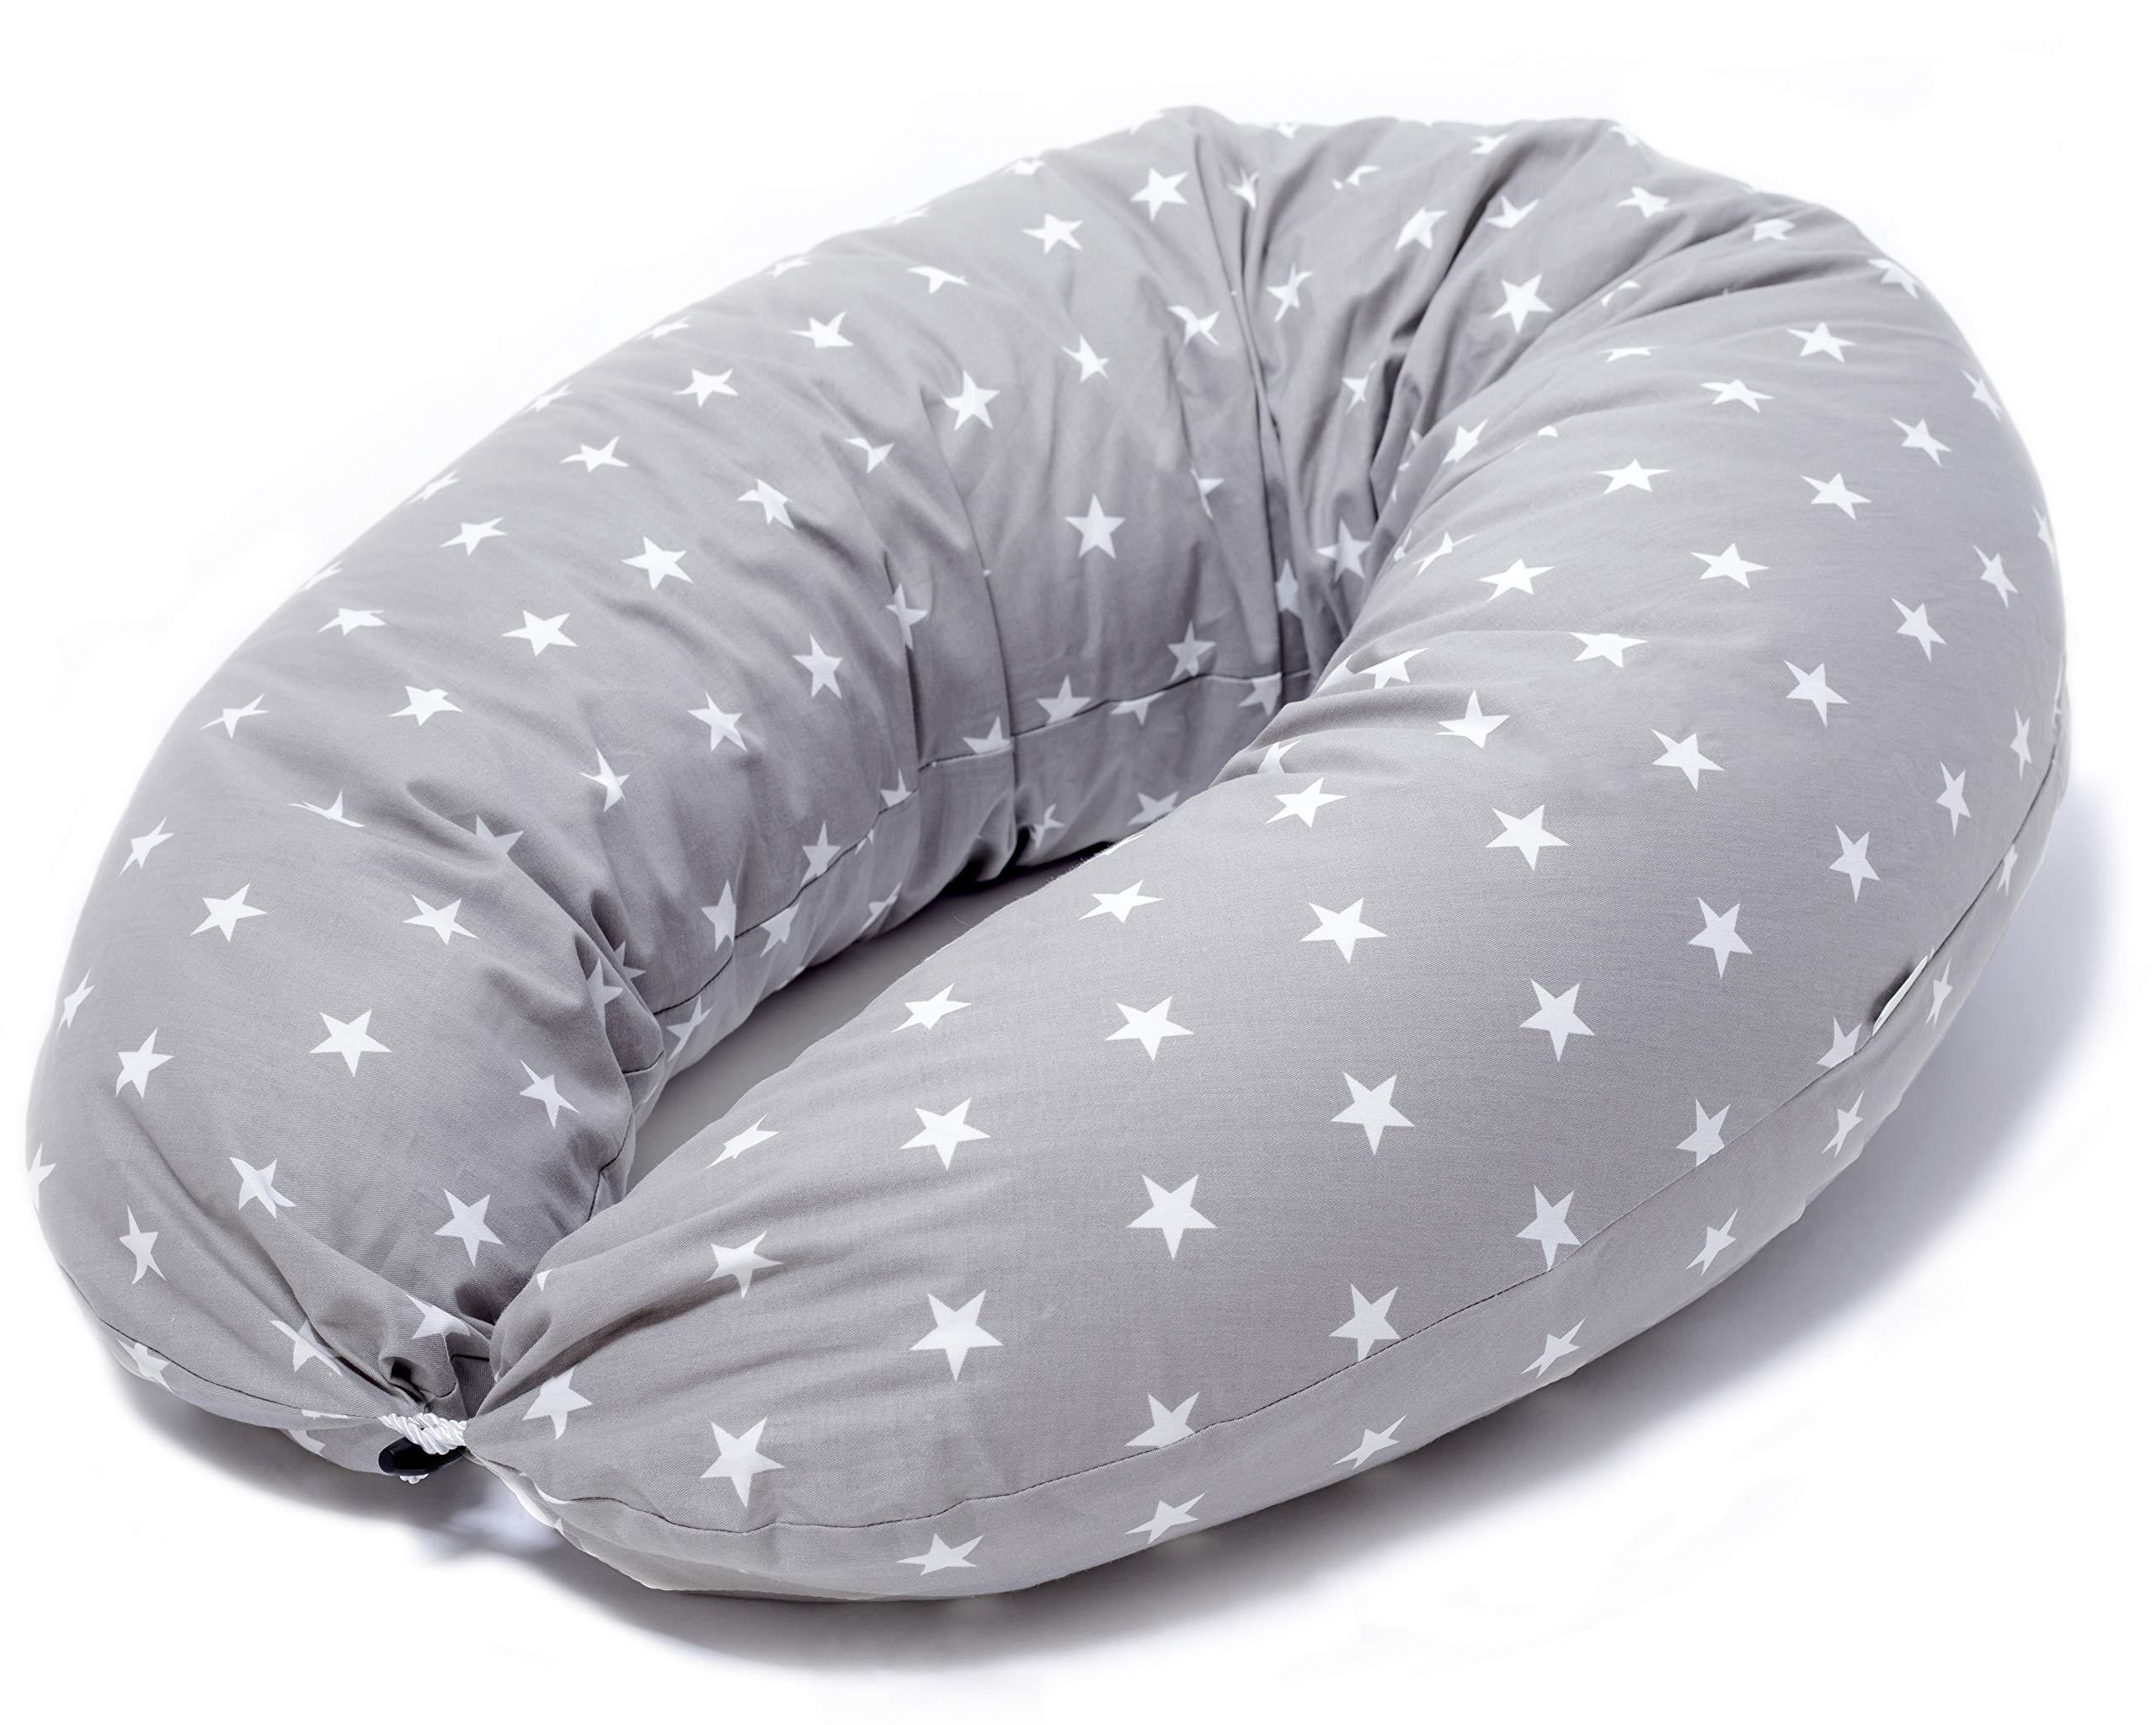 Cojin Lactancia Bebe & Almohada Embarazo Dormir | Funda Cojin 100% Algodon Color Gris con